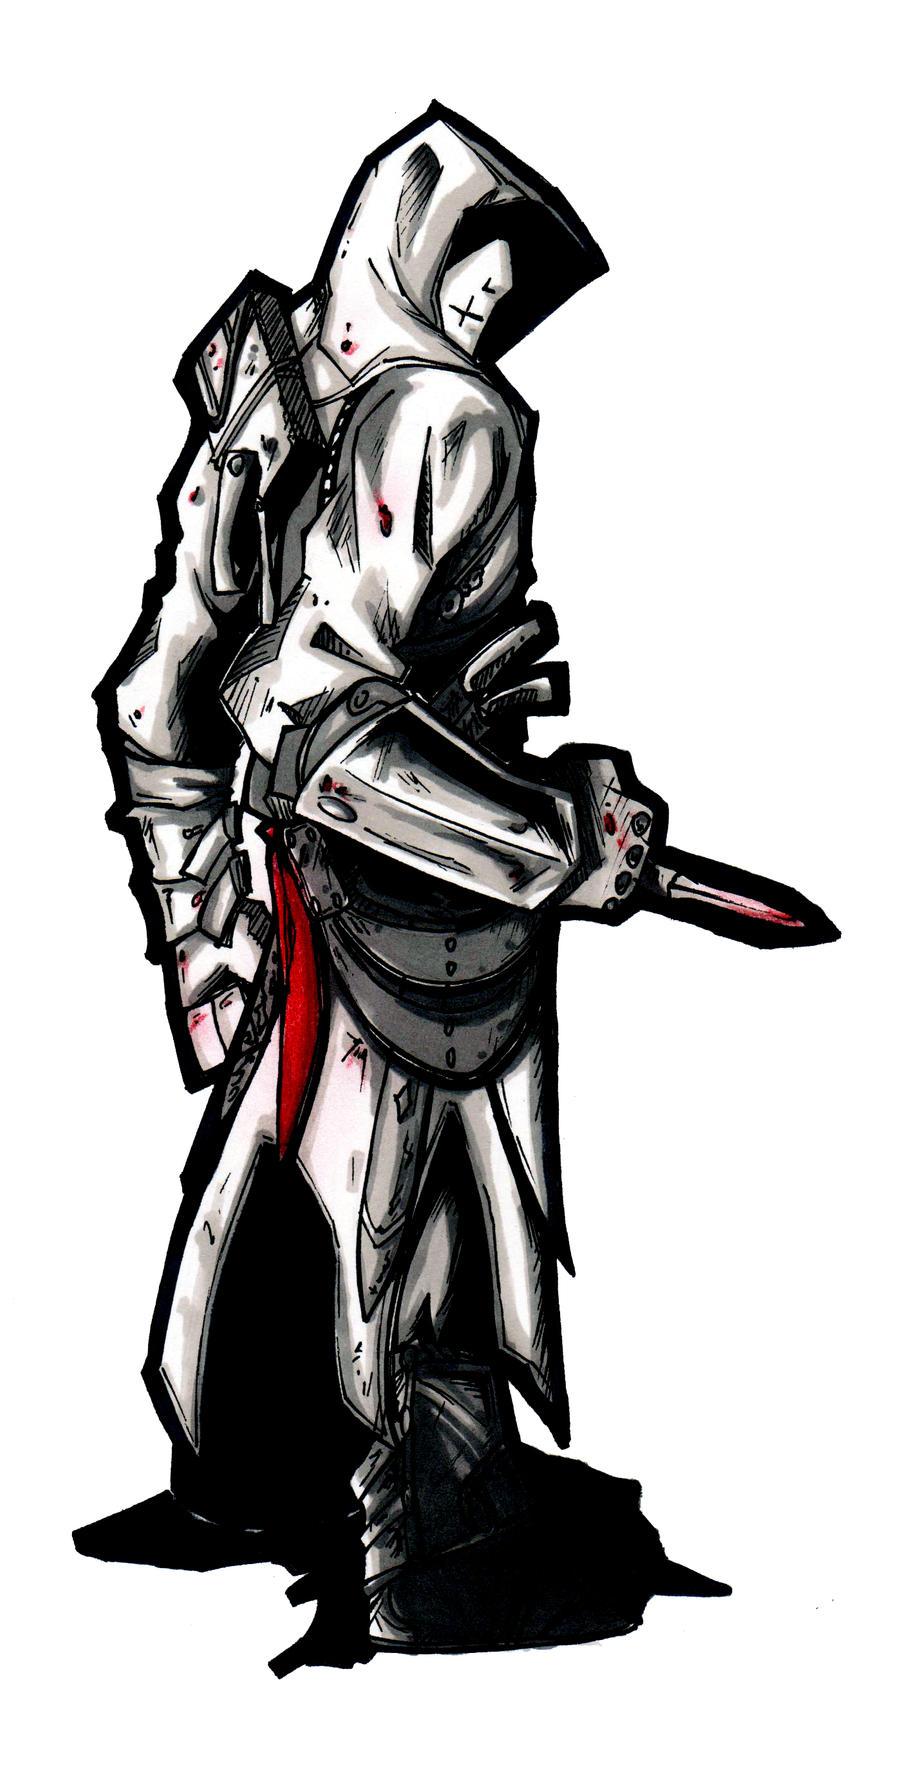 AssAssins Creed Altair by Modexo001 on DeviantArt